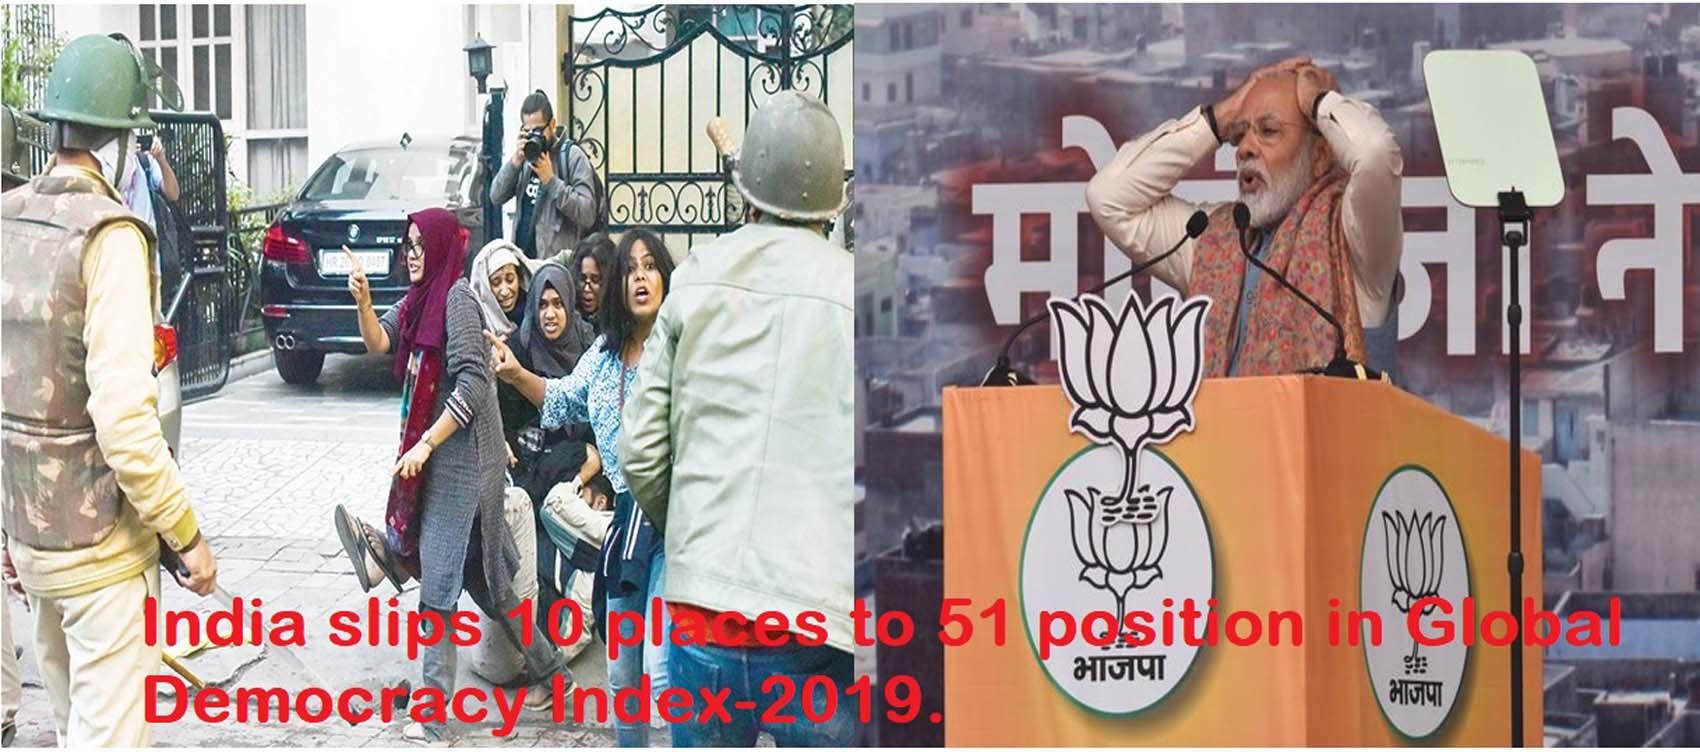 ताज़ा वैश्विक लोकतंत्र सूचकांक : पिछले 13 साल में भारत का सबसे कम (6.9) स्कोर, 'दोषपूर्ण लोकतंत्र' की श्रेणी में रखा गया।